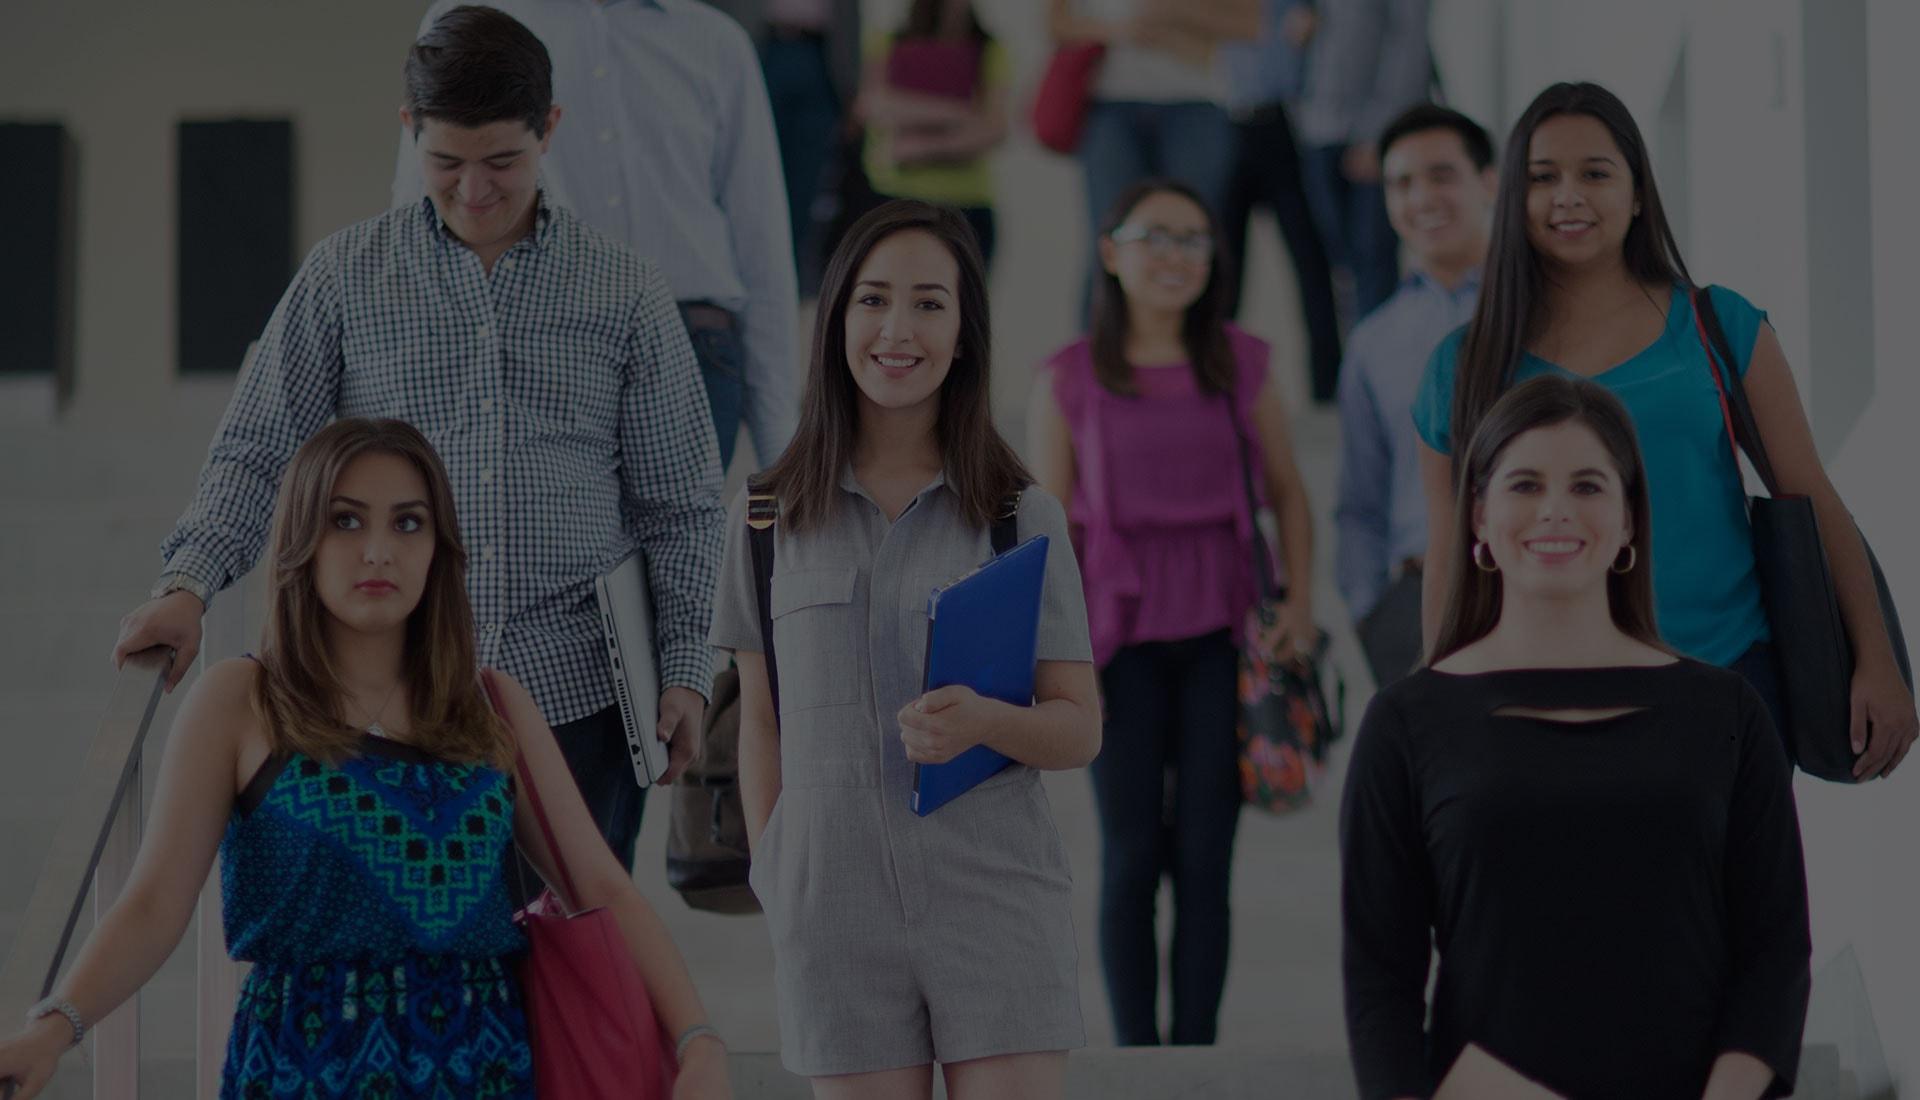 Alumnos de Licenciatura en pasillo del campus